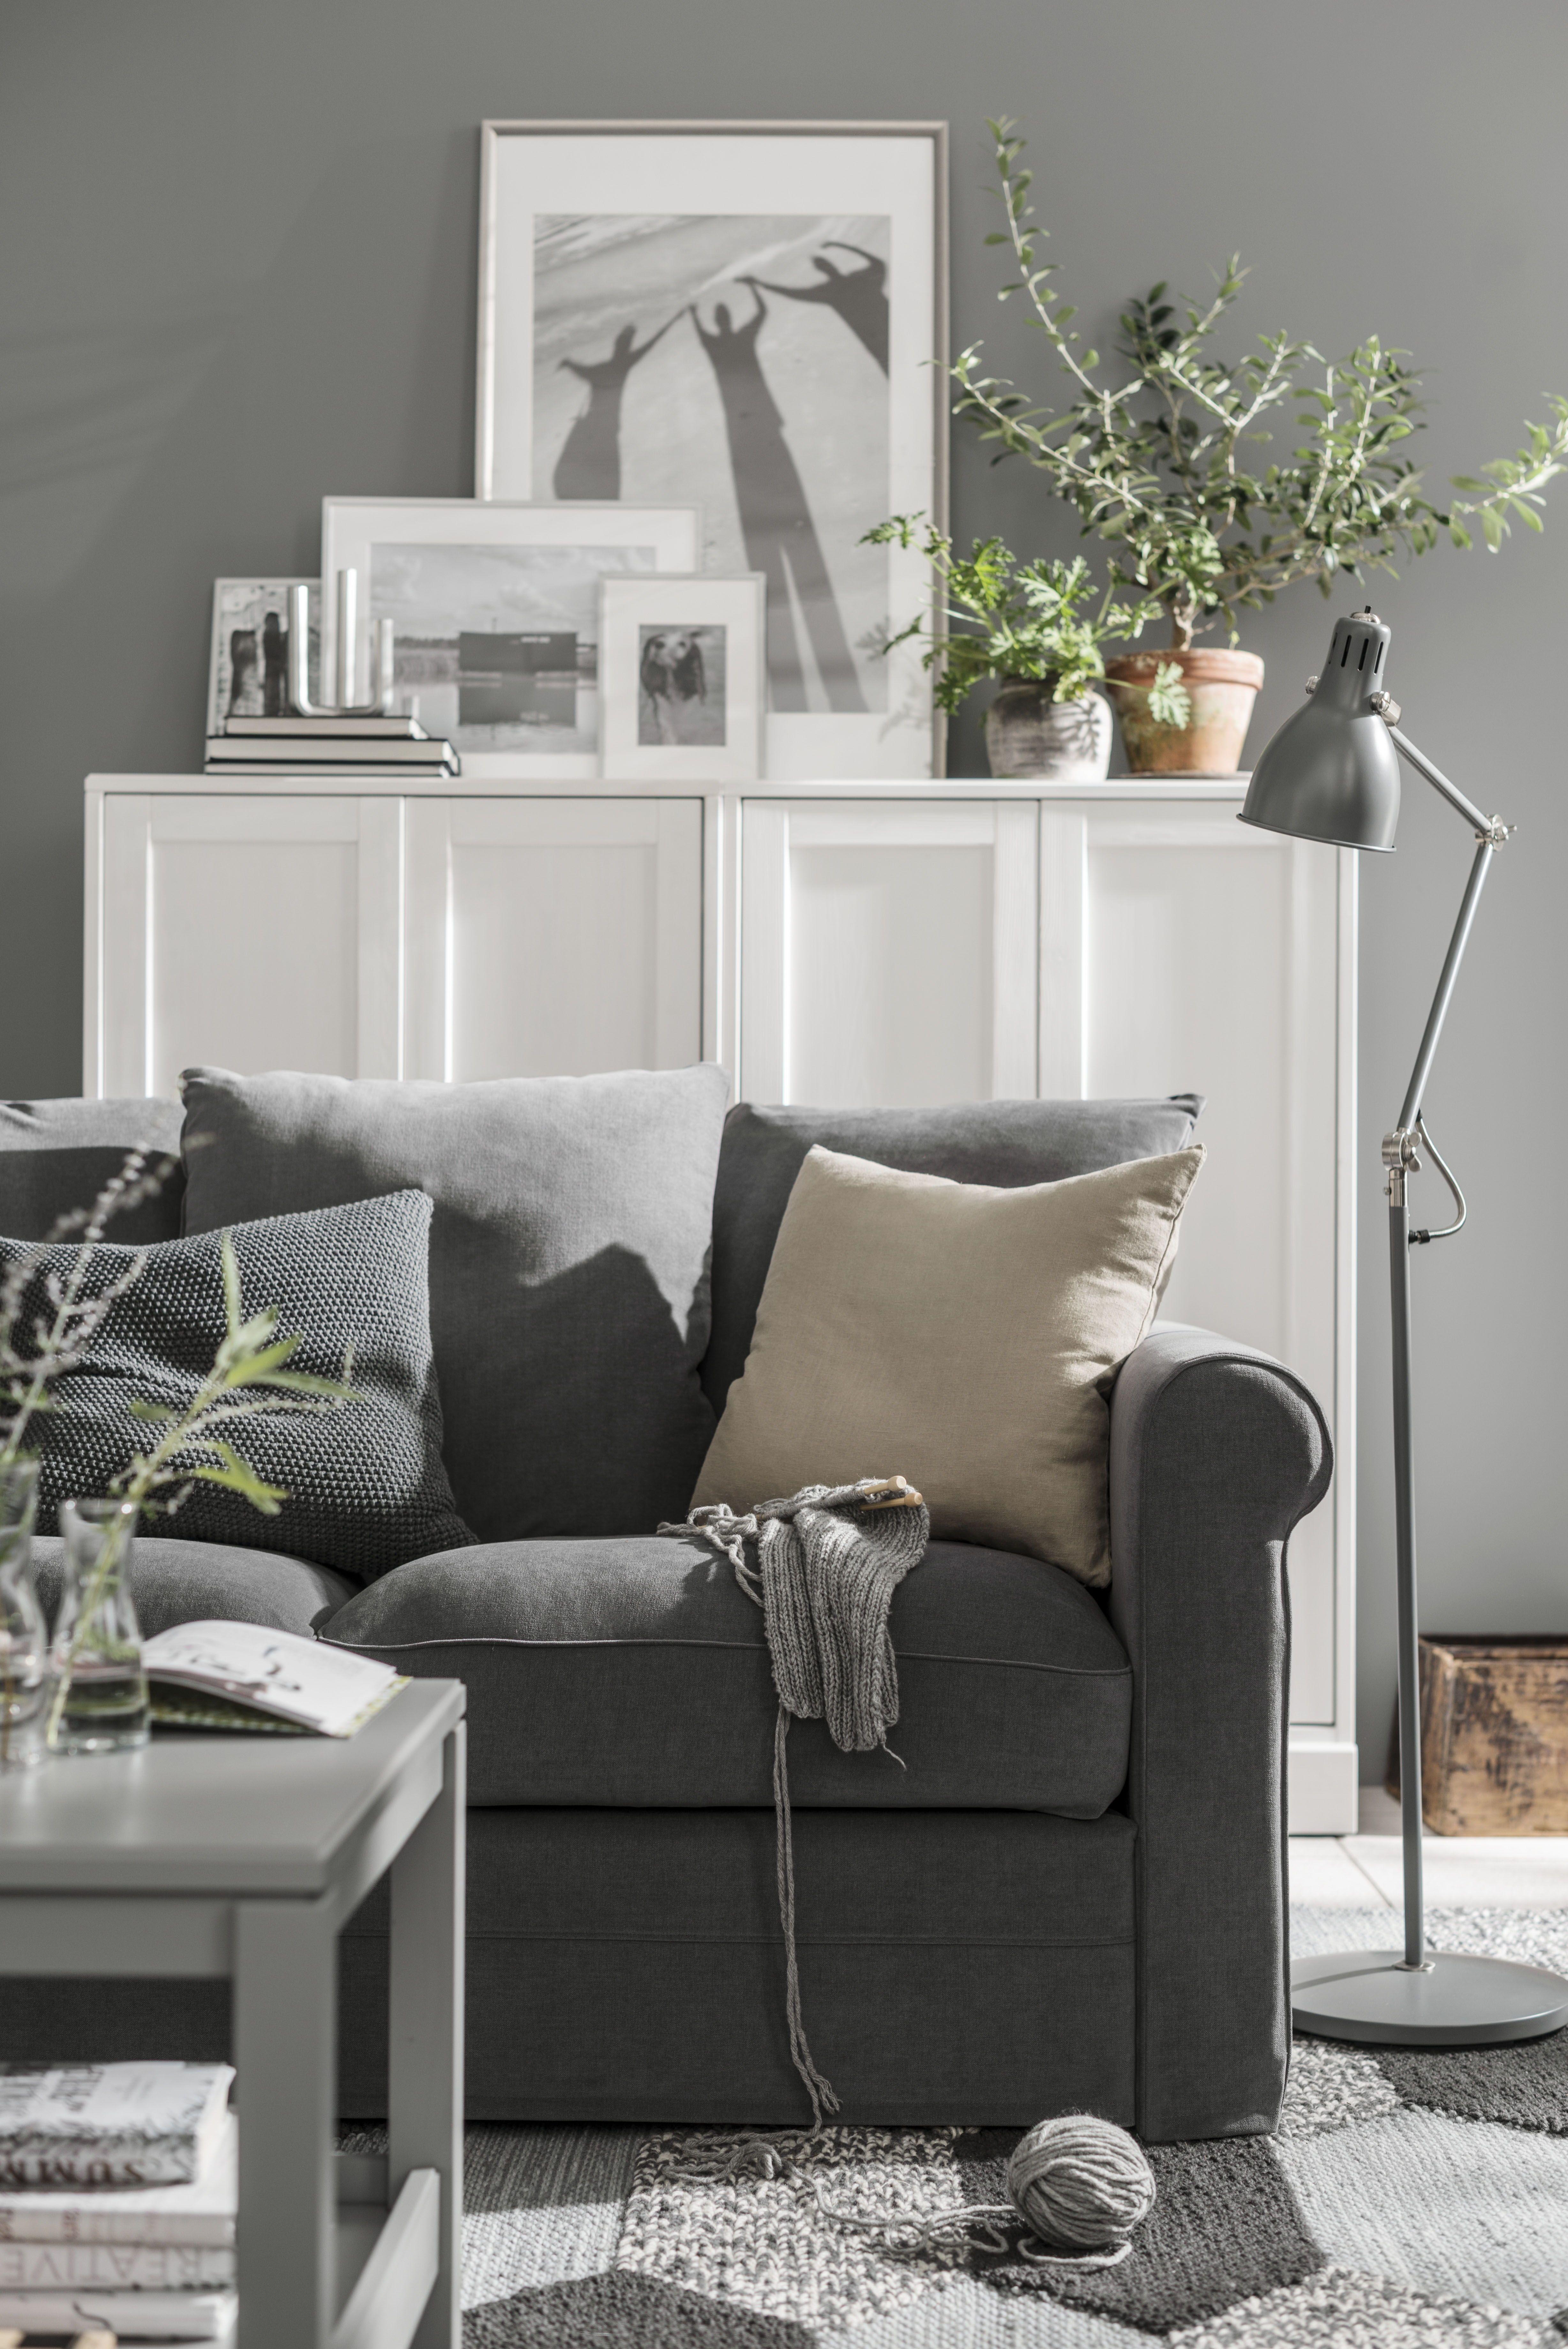 gr nlid 2 zitsbank sporda naturel in 2019 interior decor. Black Bedroom Furniture Sets. Home Design Ideas